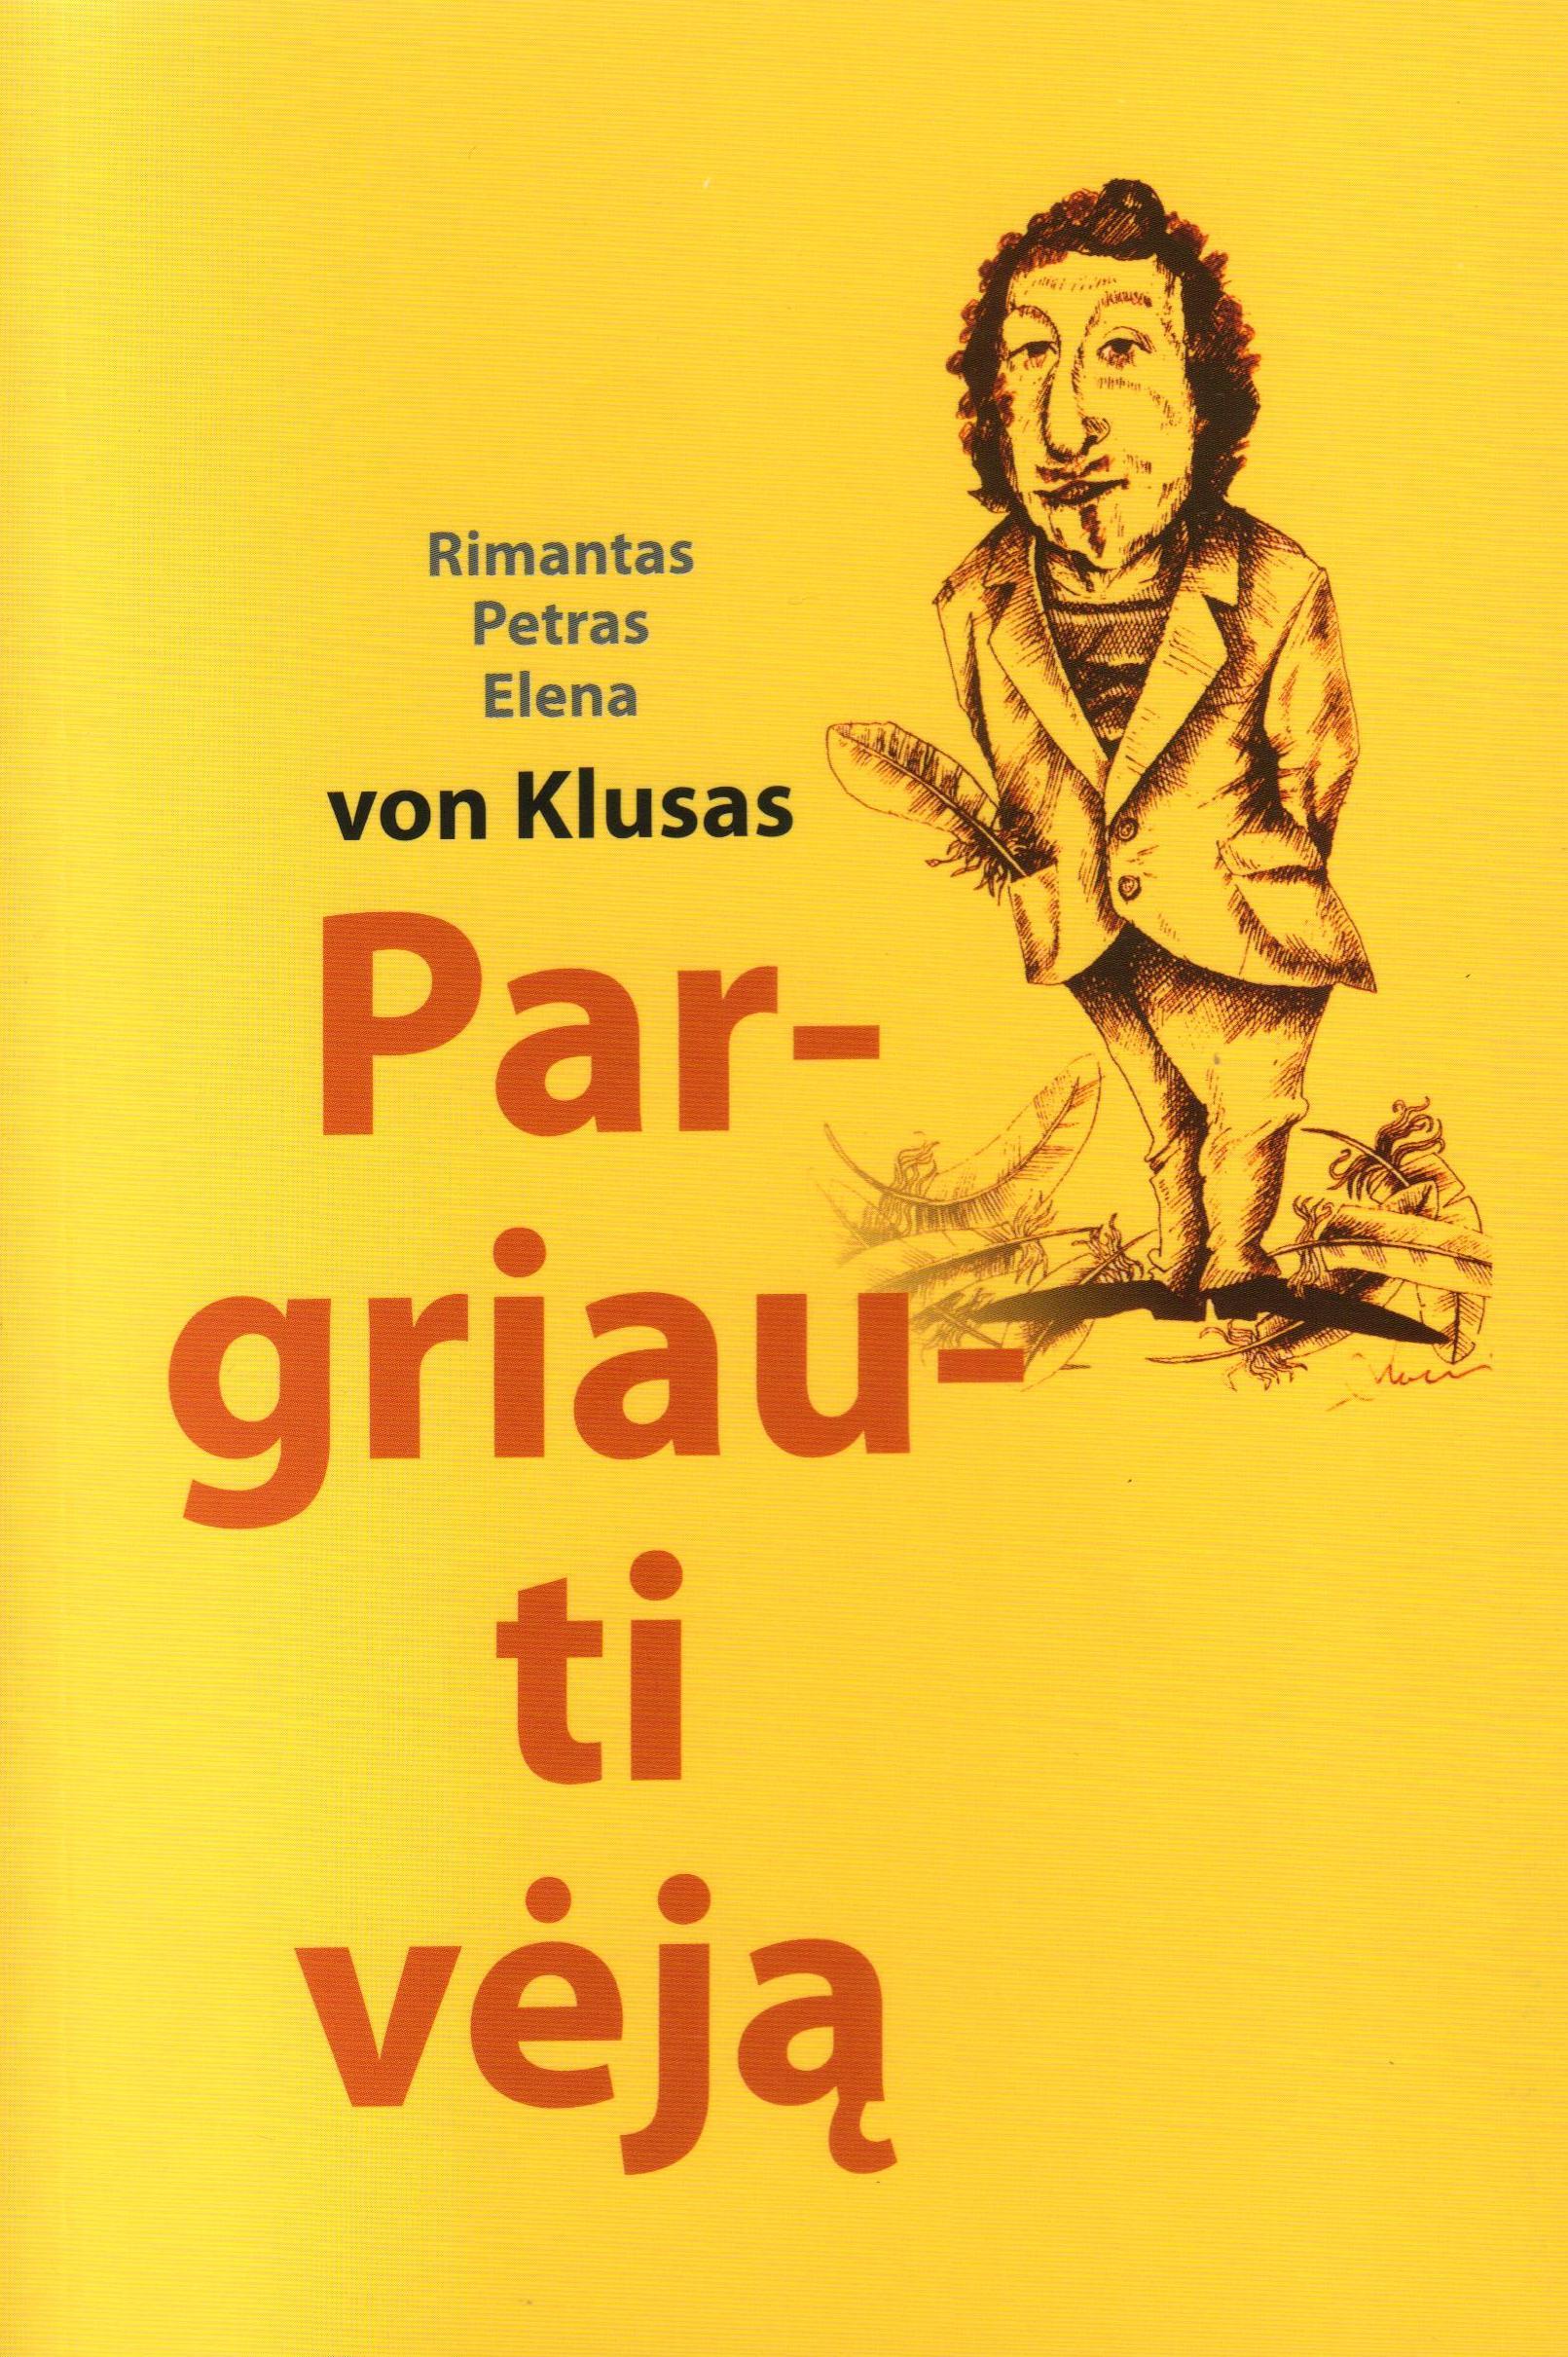 """Rimantas Petras Elena von Klusas. """"Pargriauti vėją"""" (Kaunas: Kauko laiptai, 2016)"""